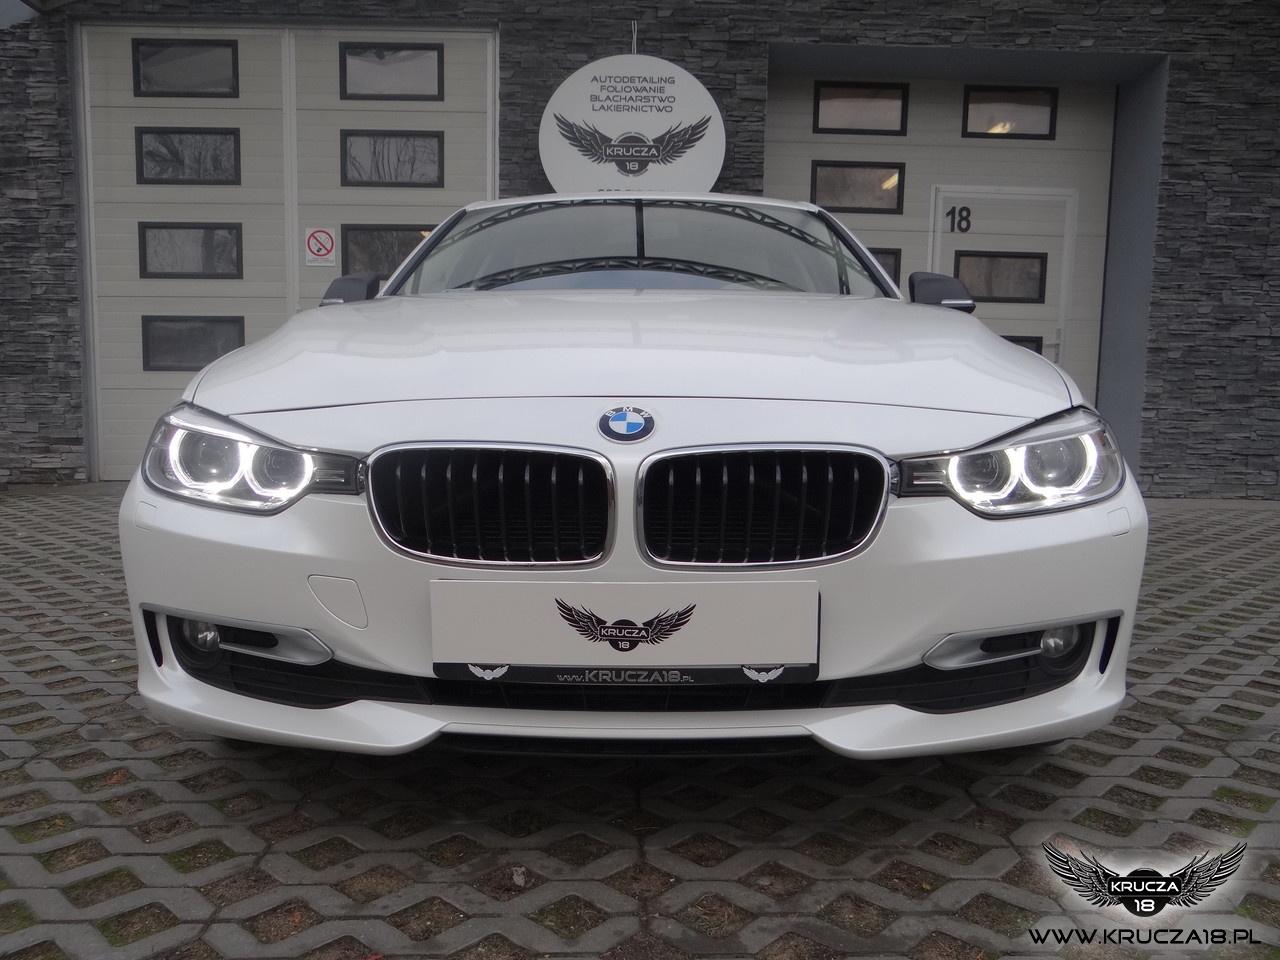 BMW 3 : zmiana koloru auta folią : biała perła : karbon : oklejanie : Krucza18 : Osielsko/k.Bydgoszczy